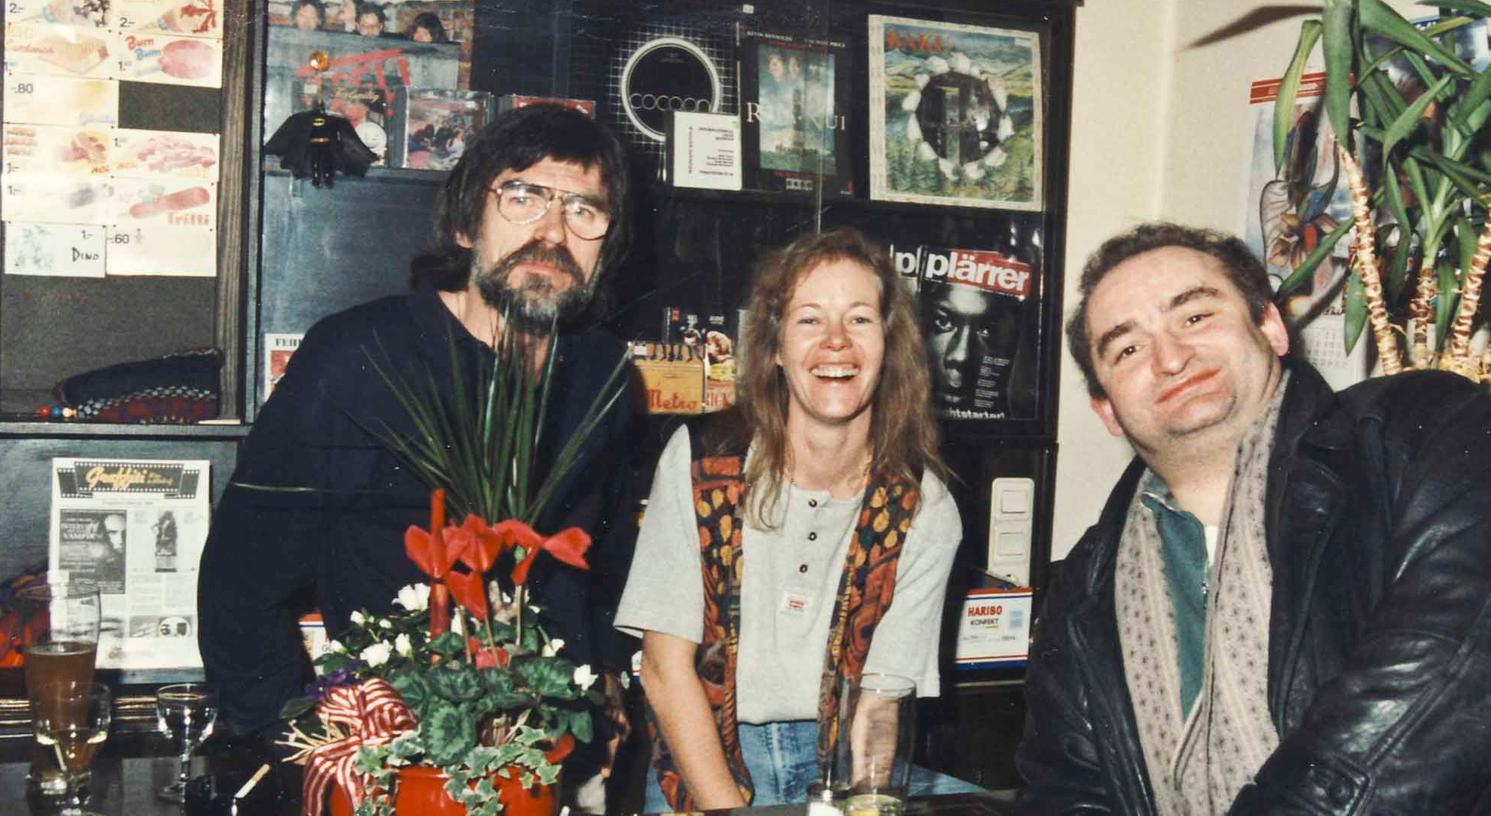 Diese Zeiten sind endgültig vorbei: Thekengespräche der Wirtsleute Bernd und Eva Heinlein mit Kabarettisten, die im Graffiti auftraten, hier mit Sigi Zimmerschied 1995. Seit Monaten ist die Kinokneipe geschlossen.